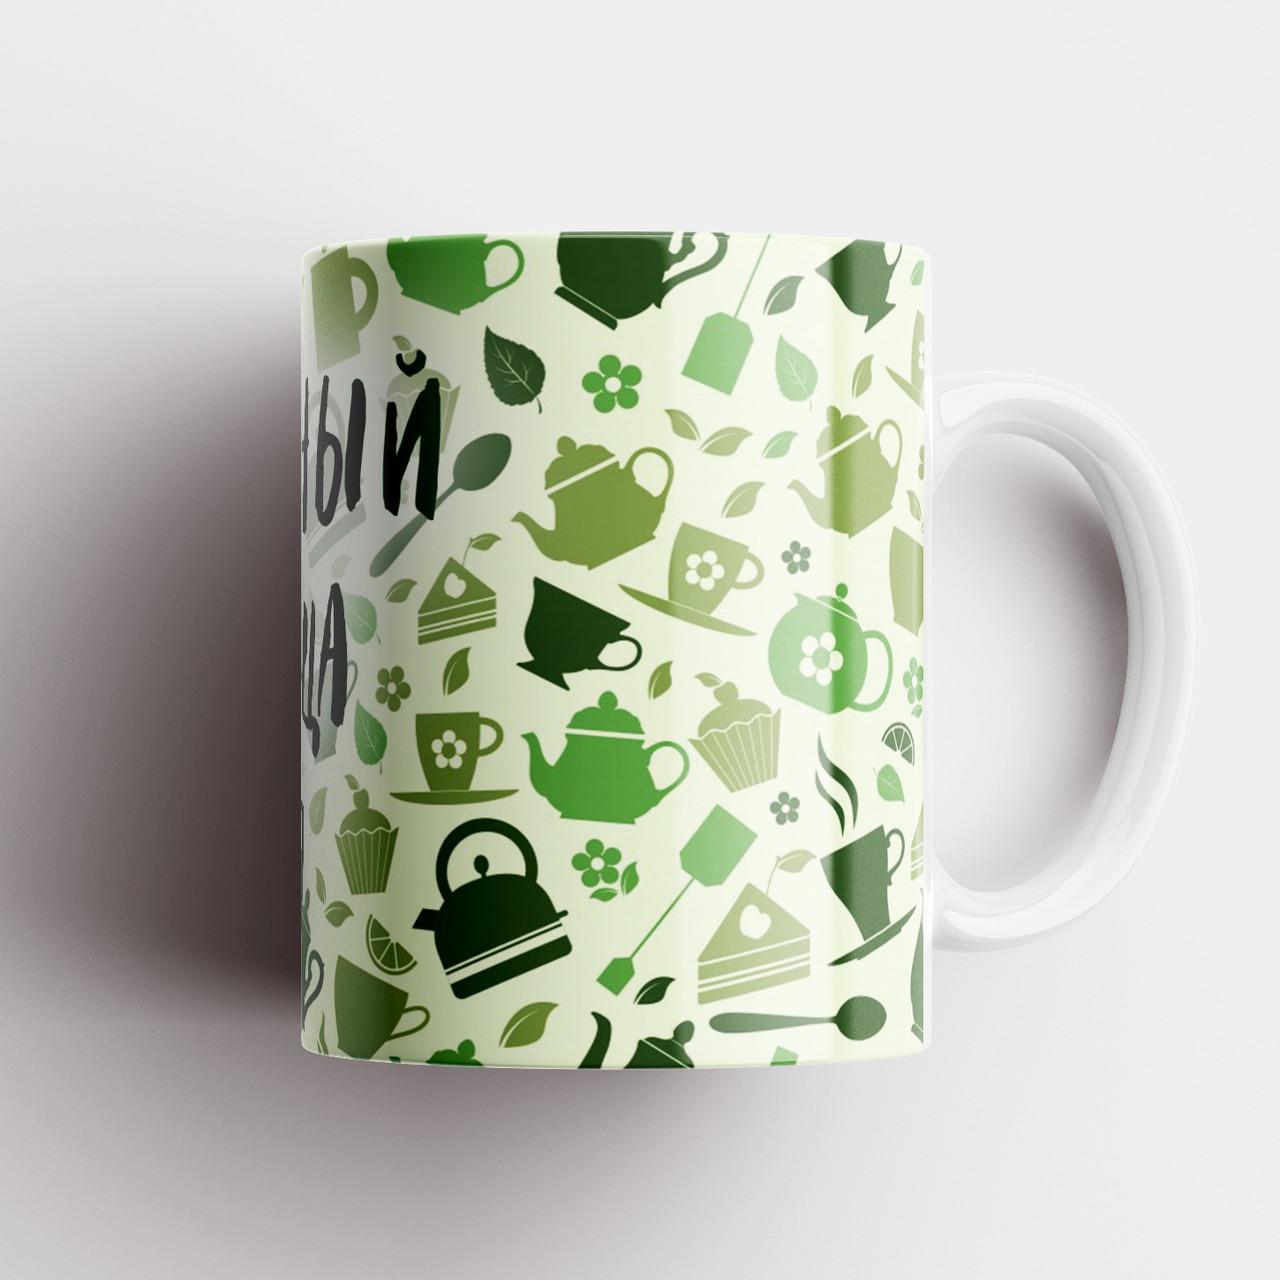 Кружка с принтом. Чашка с принтом Серийный упийца чая. Чашка с фото